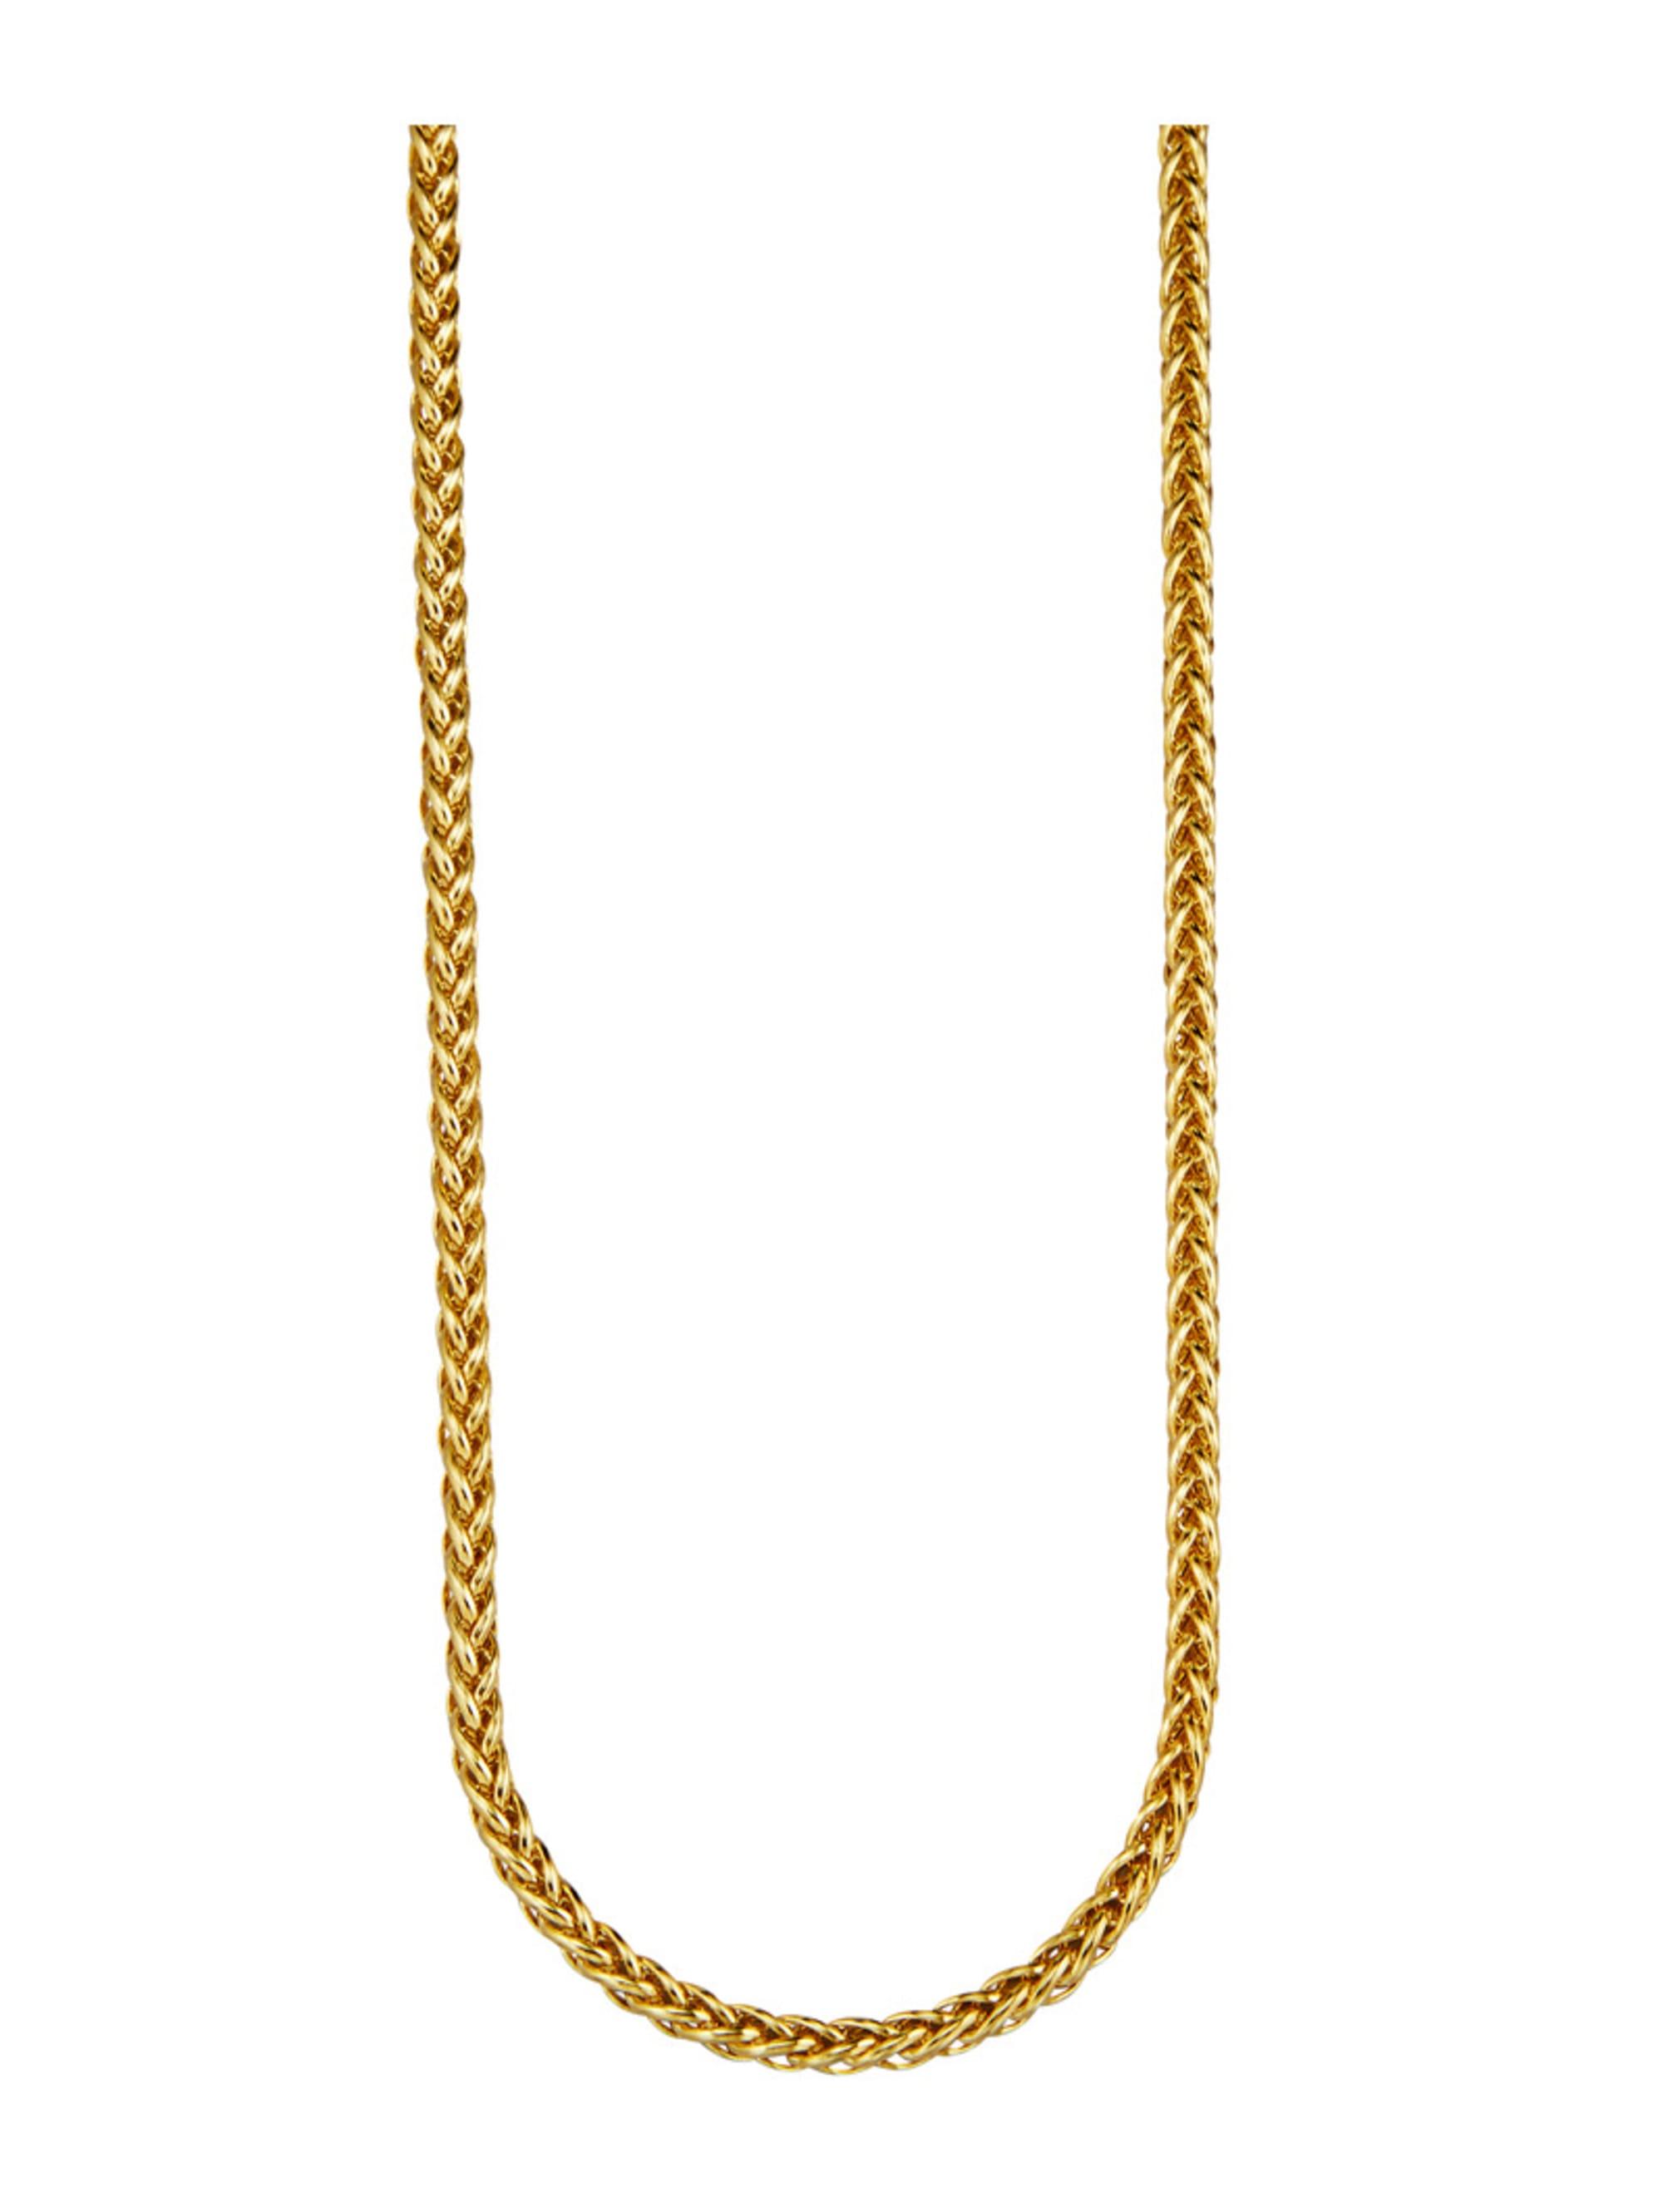 Diemer Gold Zopfkette in Gelbgold 585 ZCy24